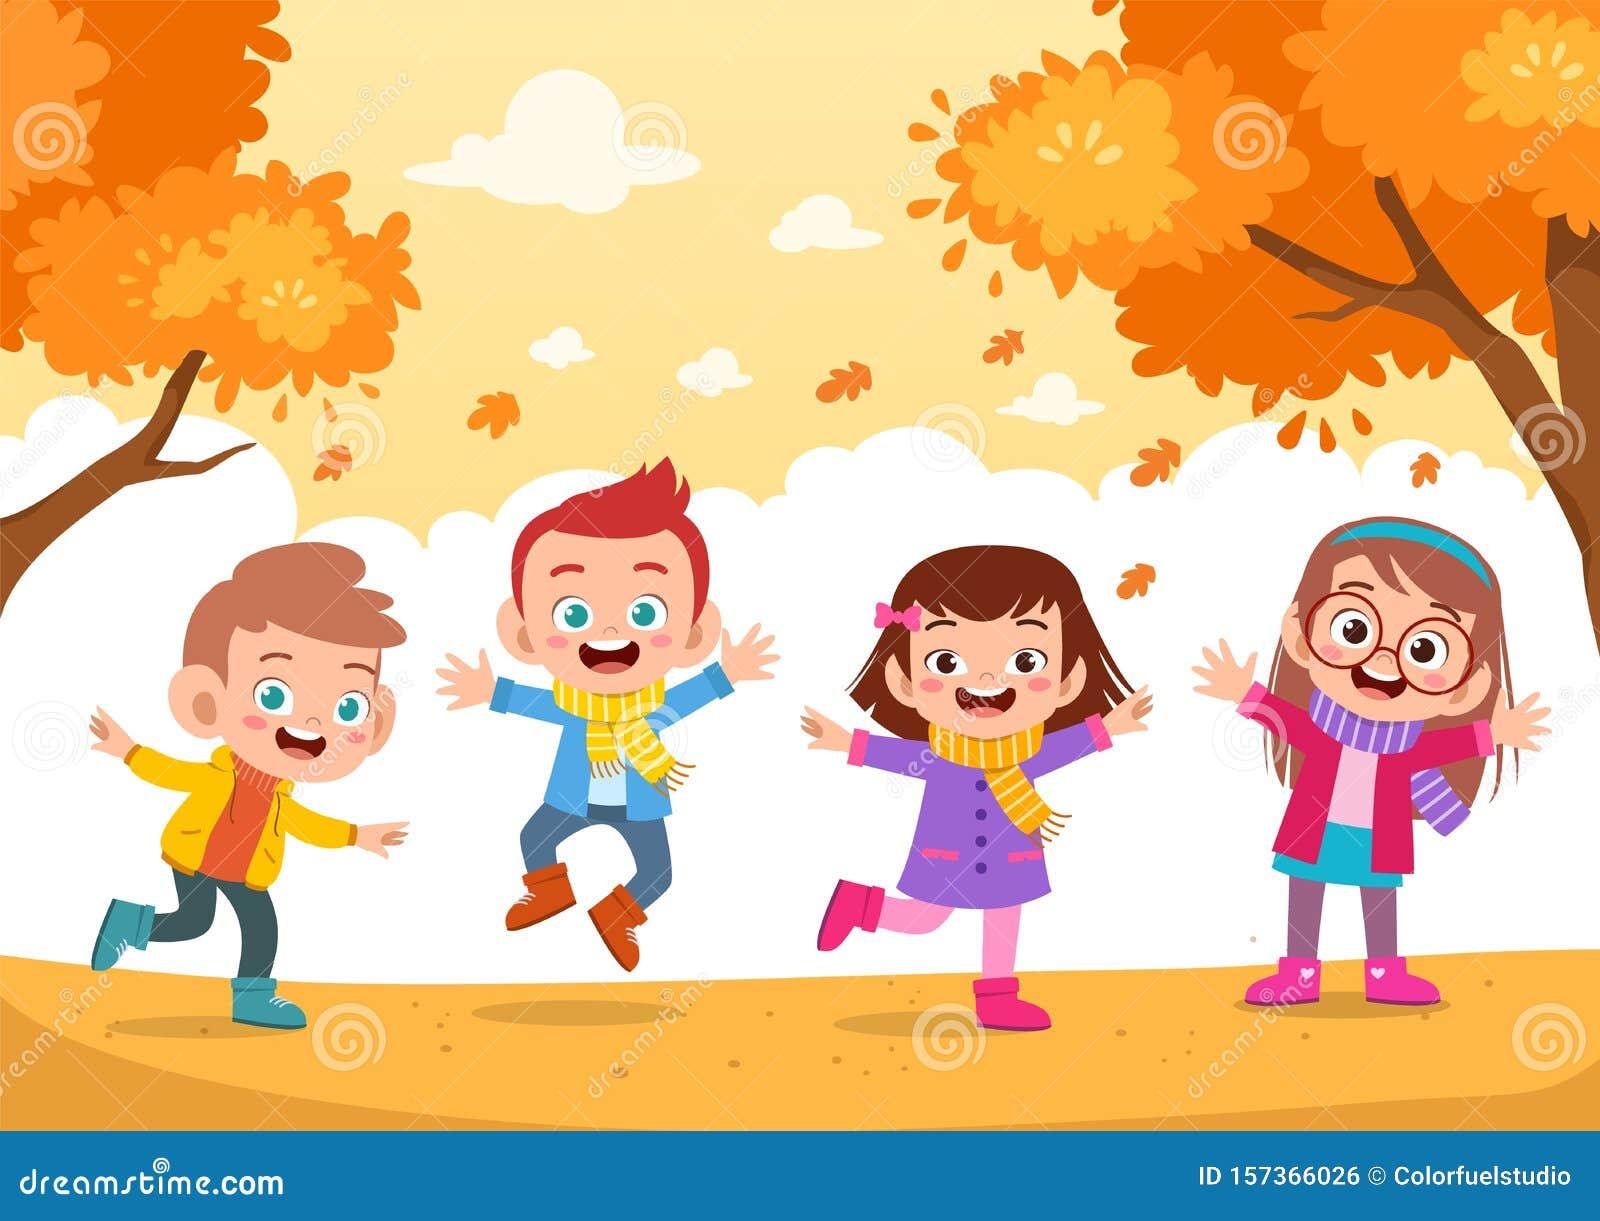 Autumn Kids Fall Vector Illustration Stock Illustration Illustration Of Season Kids 157366026